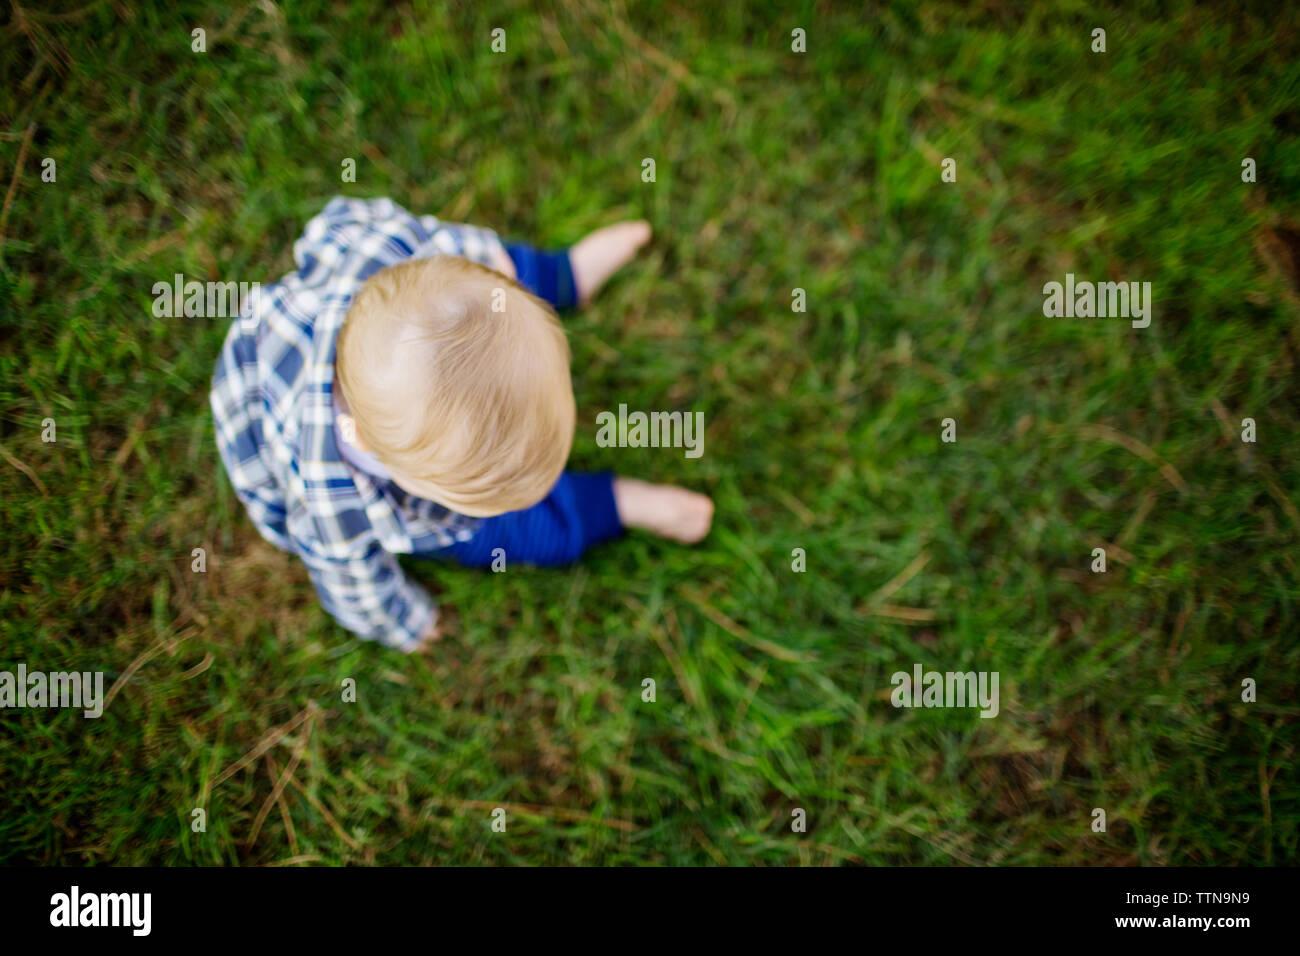 Vue aérienne de baby sitting on grass field at park Banque D'Images